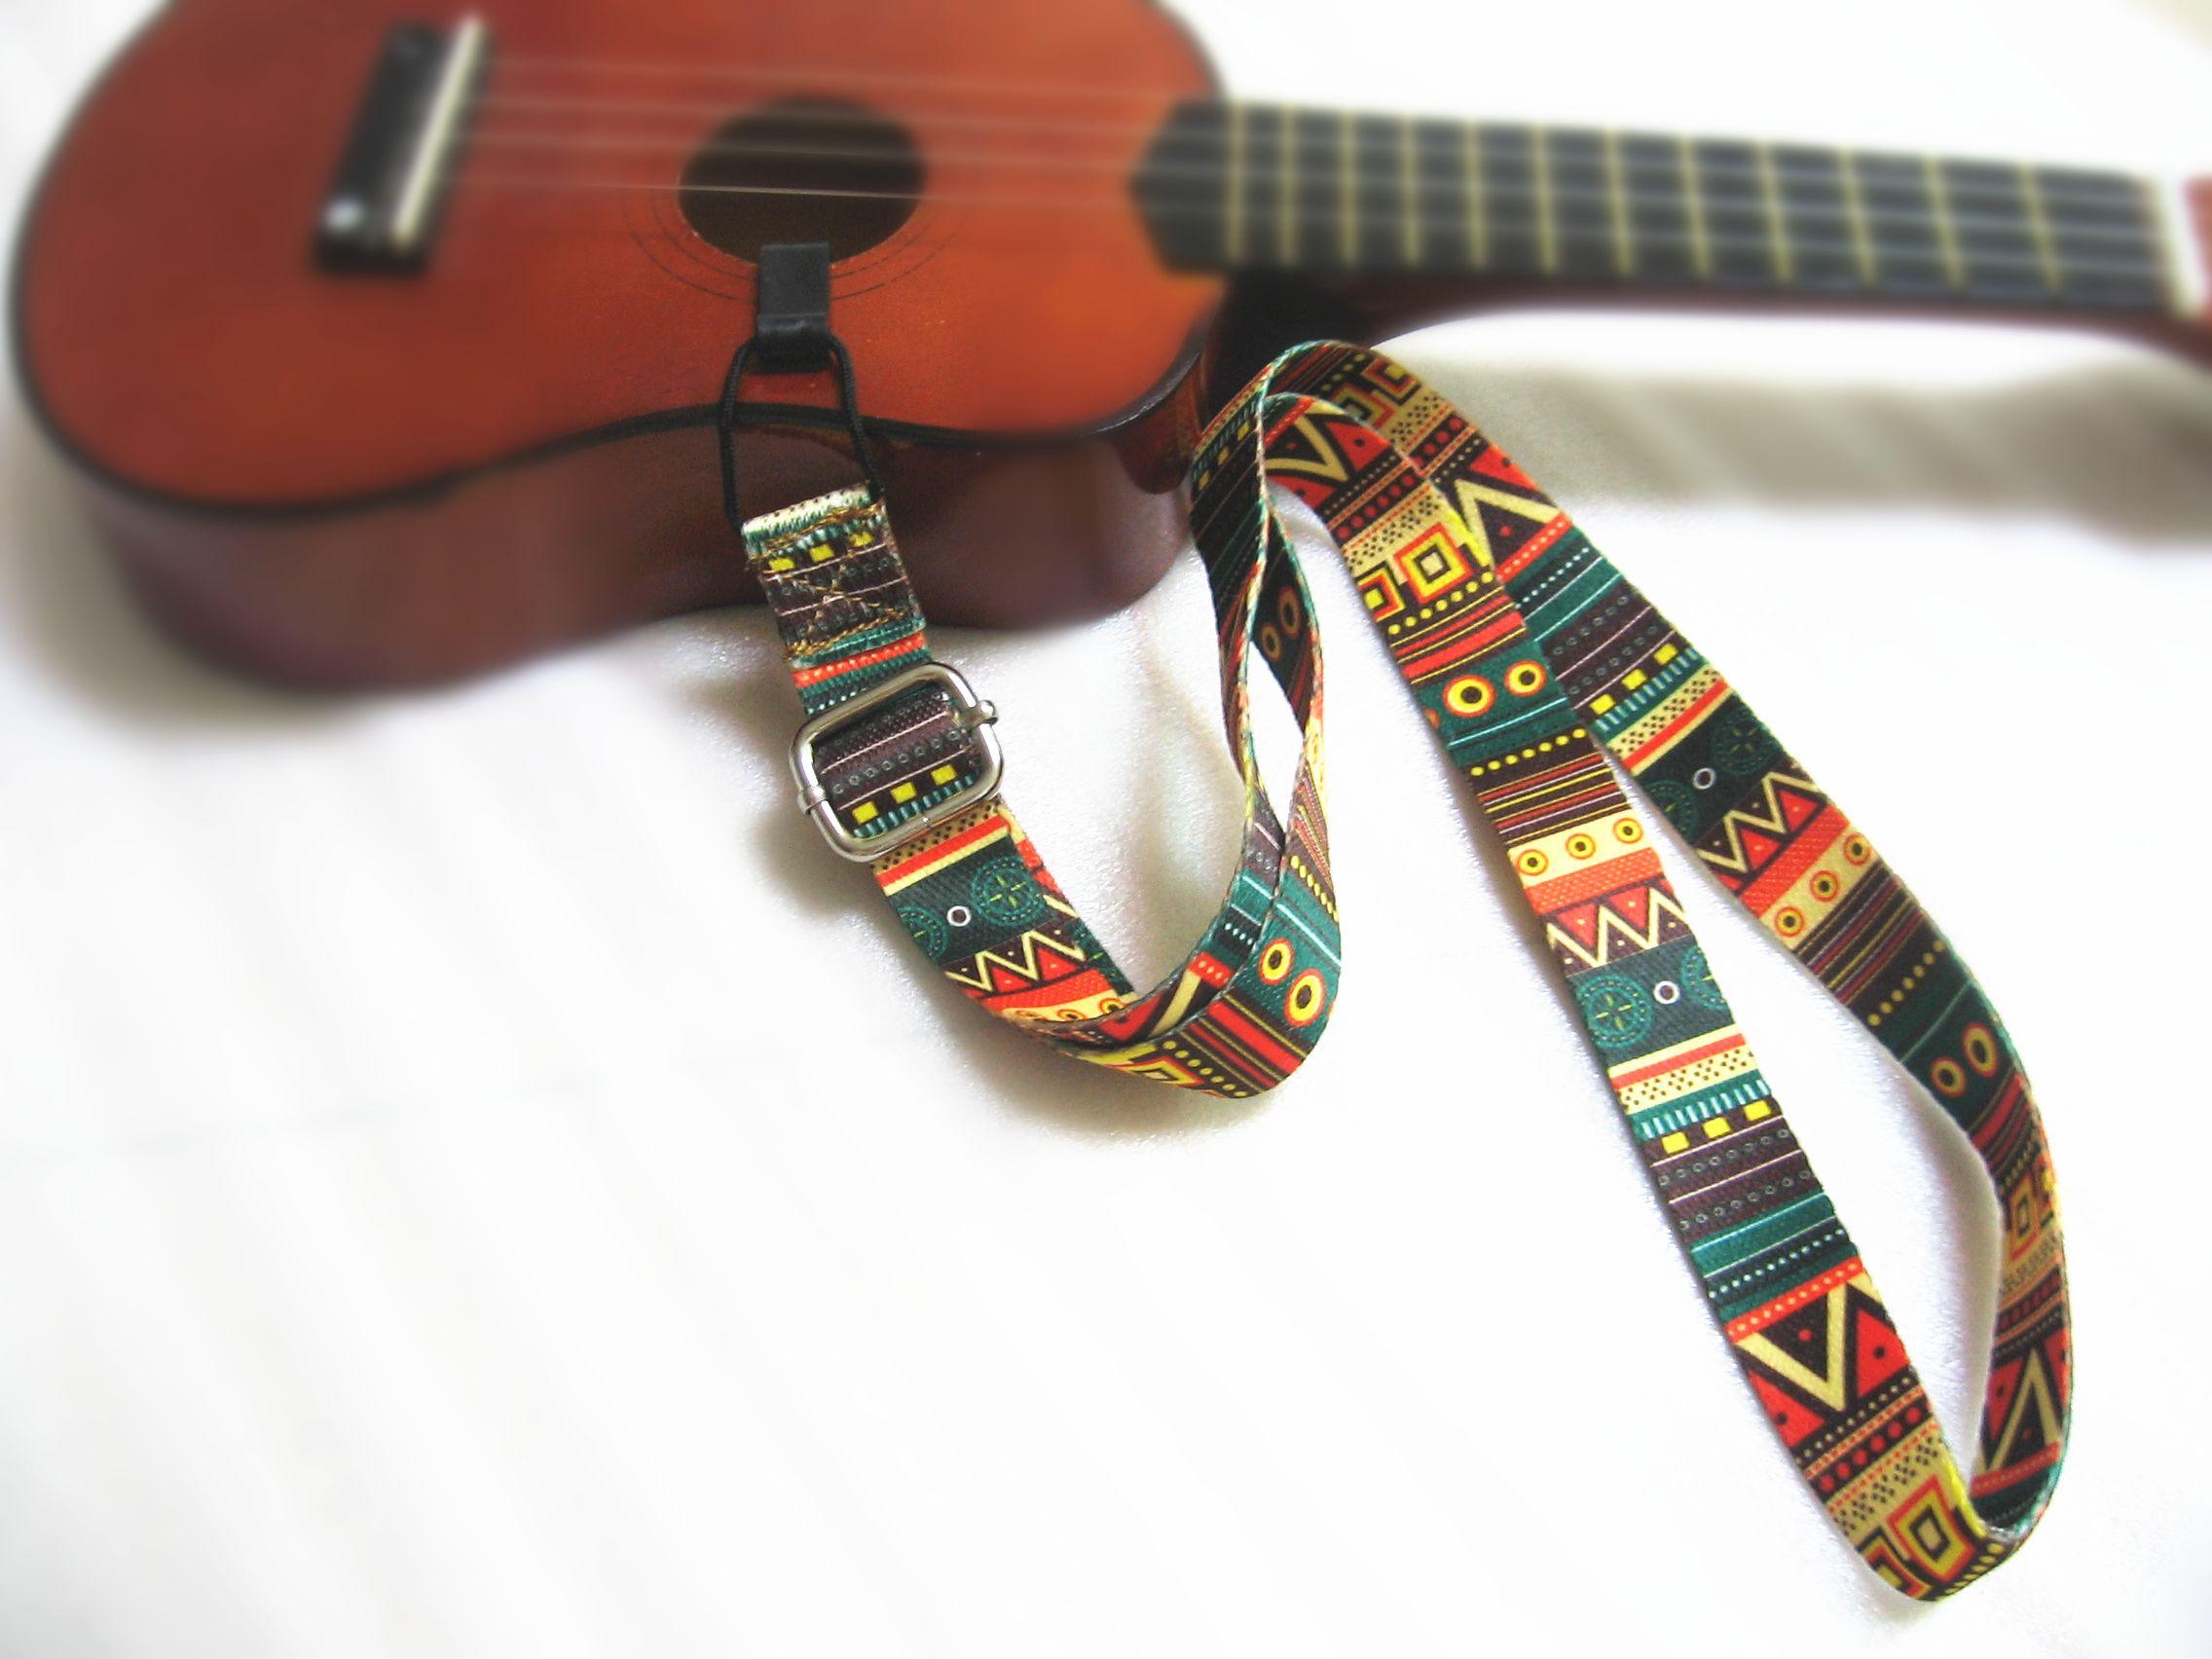 Latest Country Style Adjustable Ukulele Neck Straps For 21soprano